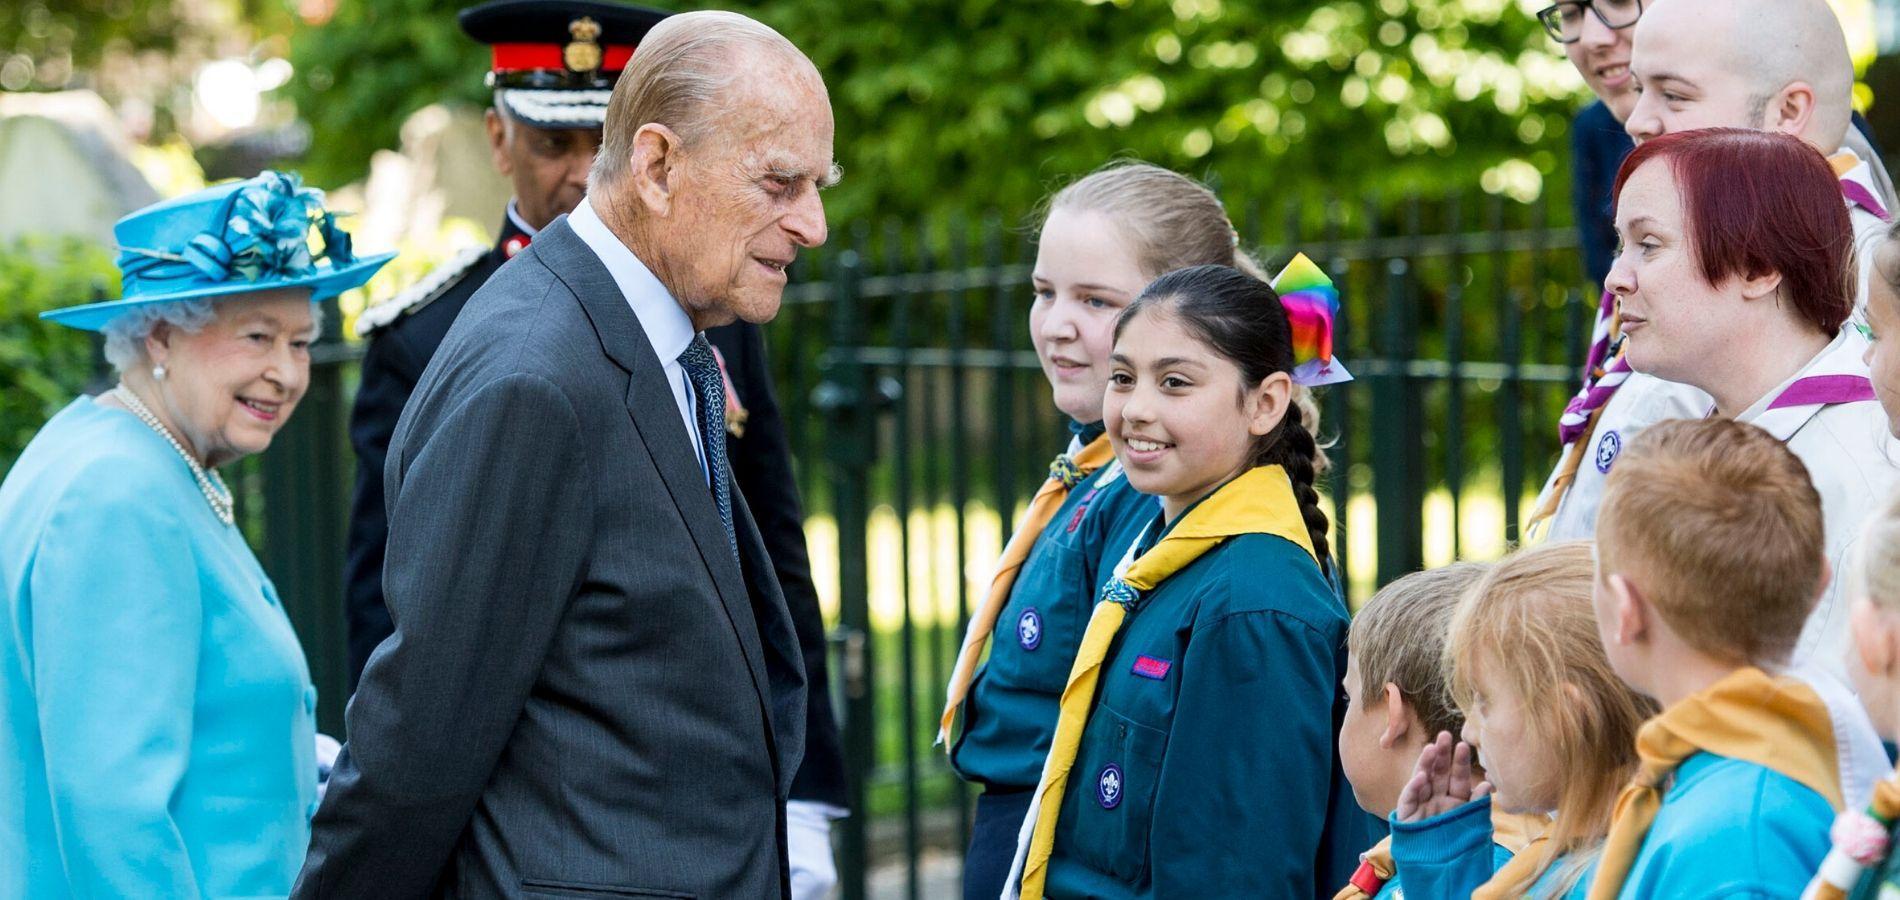 Le prince Philip, (presque) un siècle de gaffes